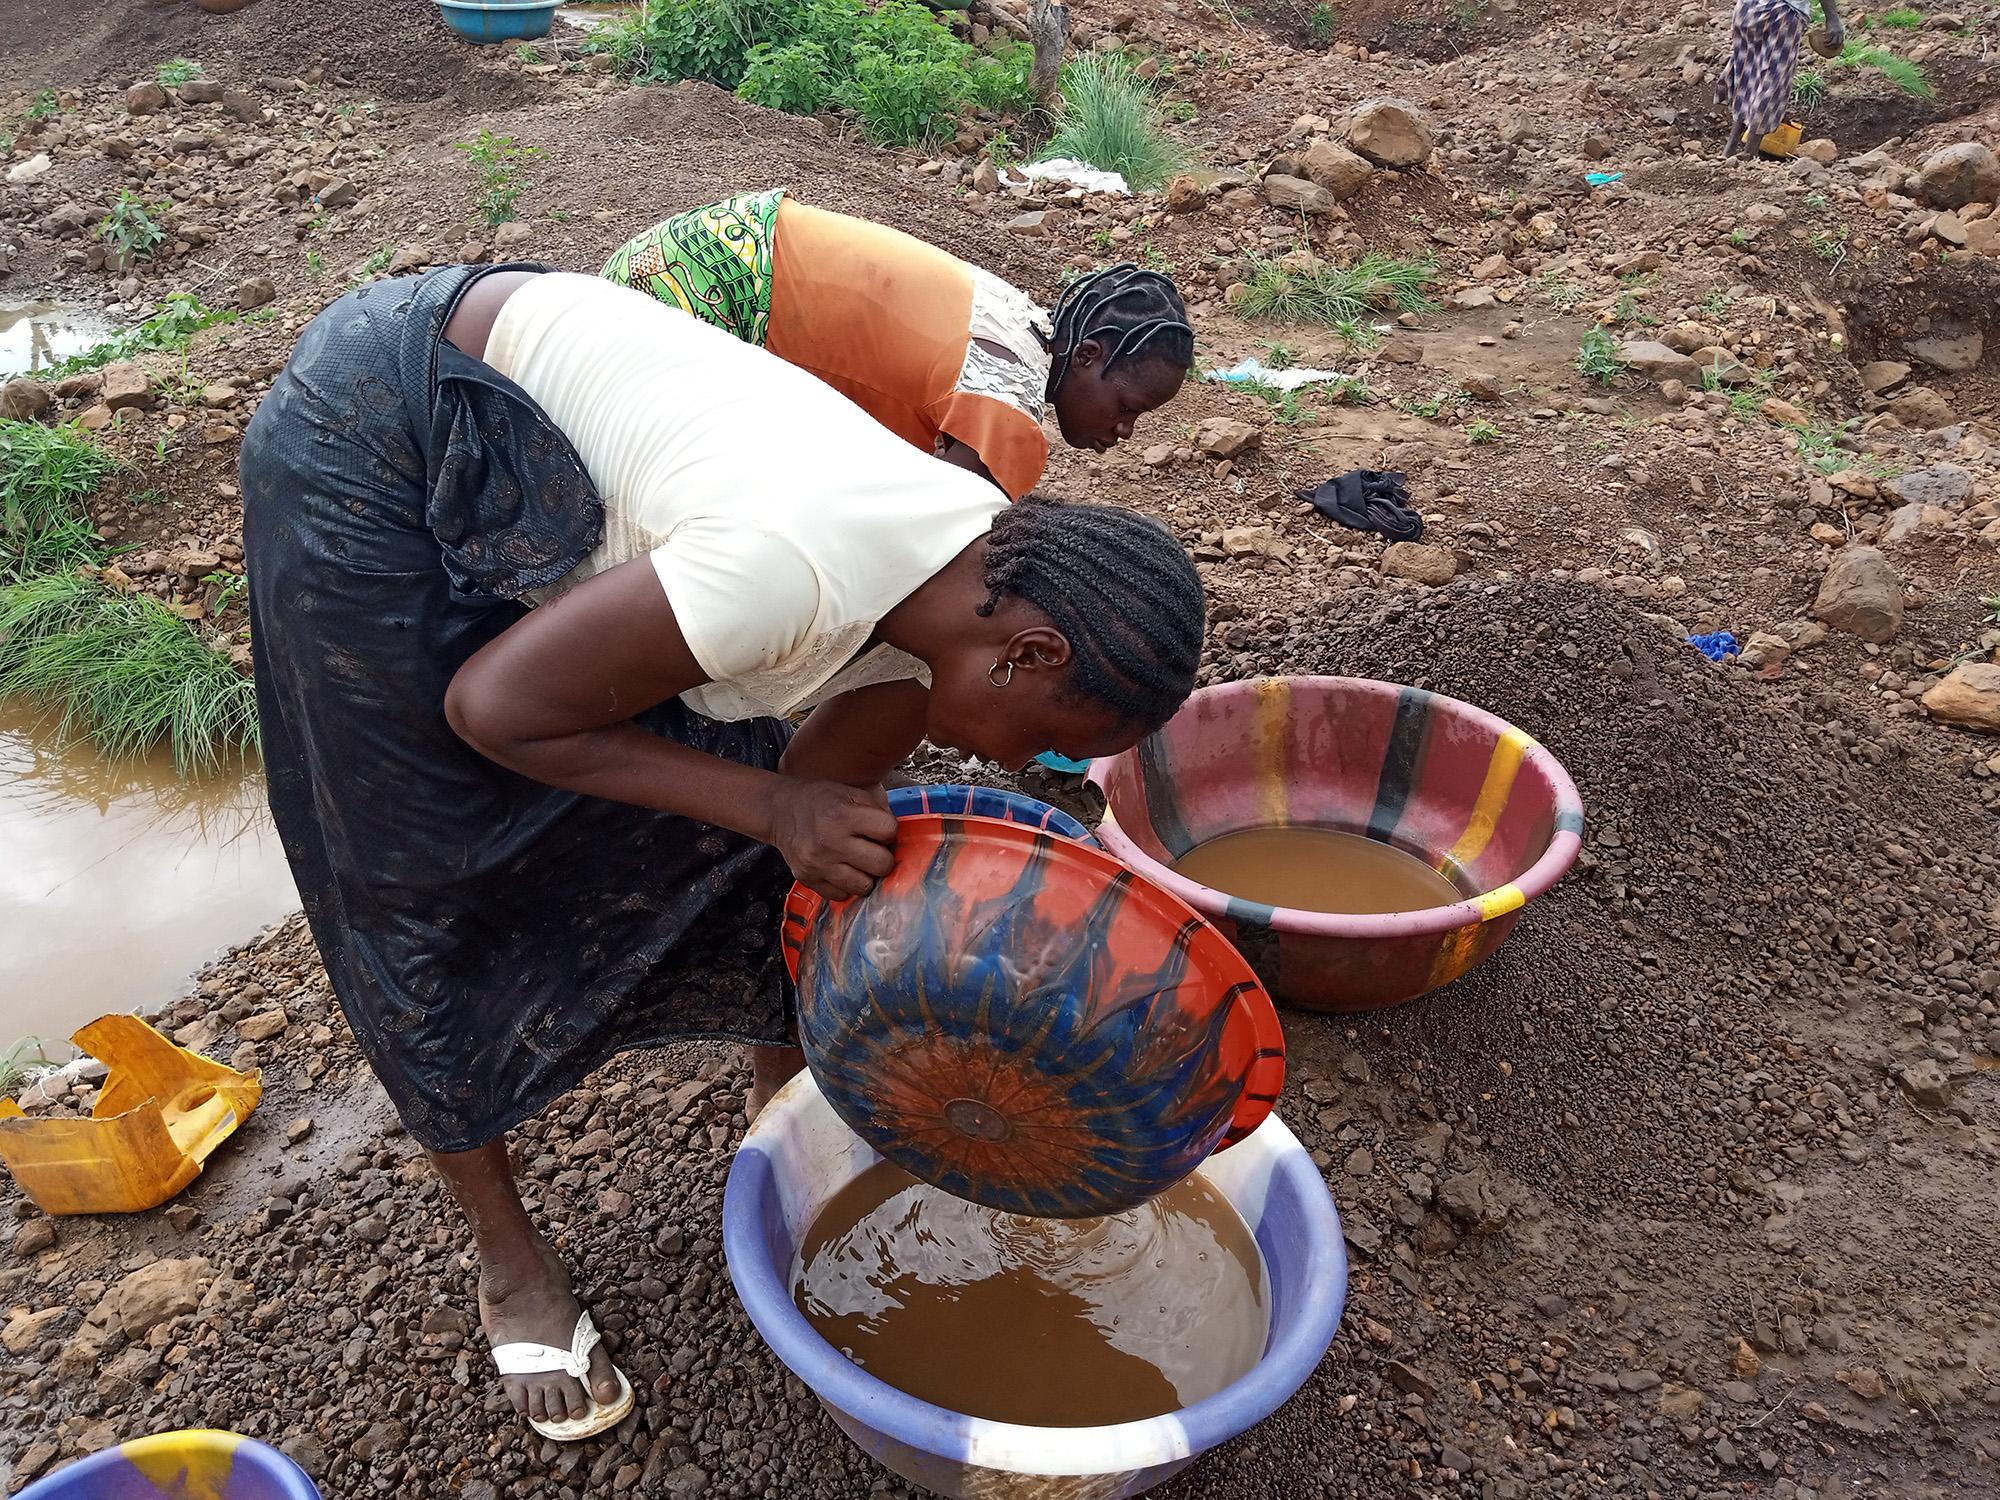 Artisanat minier et résilience des communautés rurales déplacées